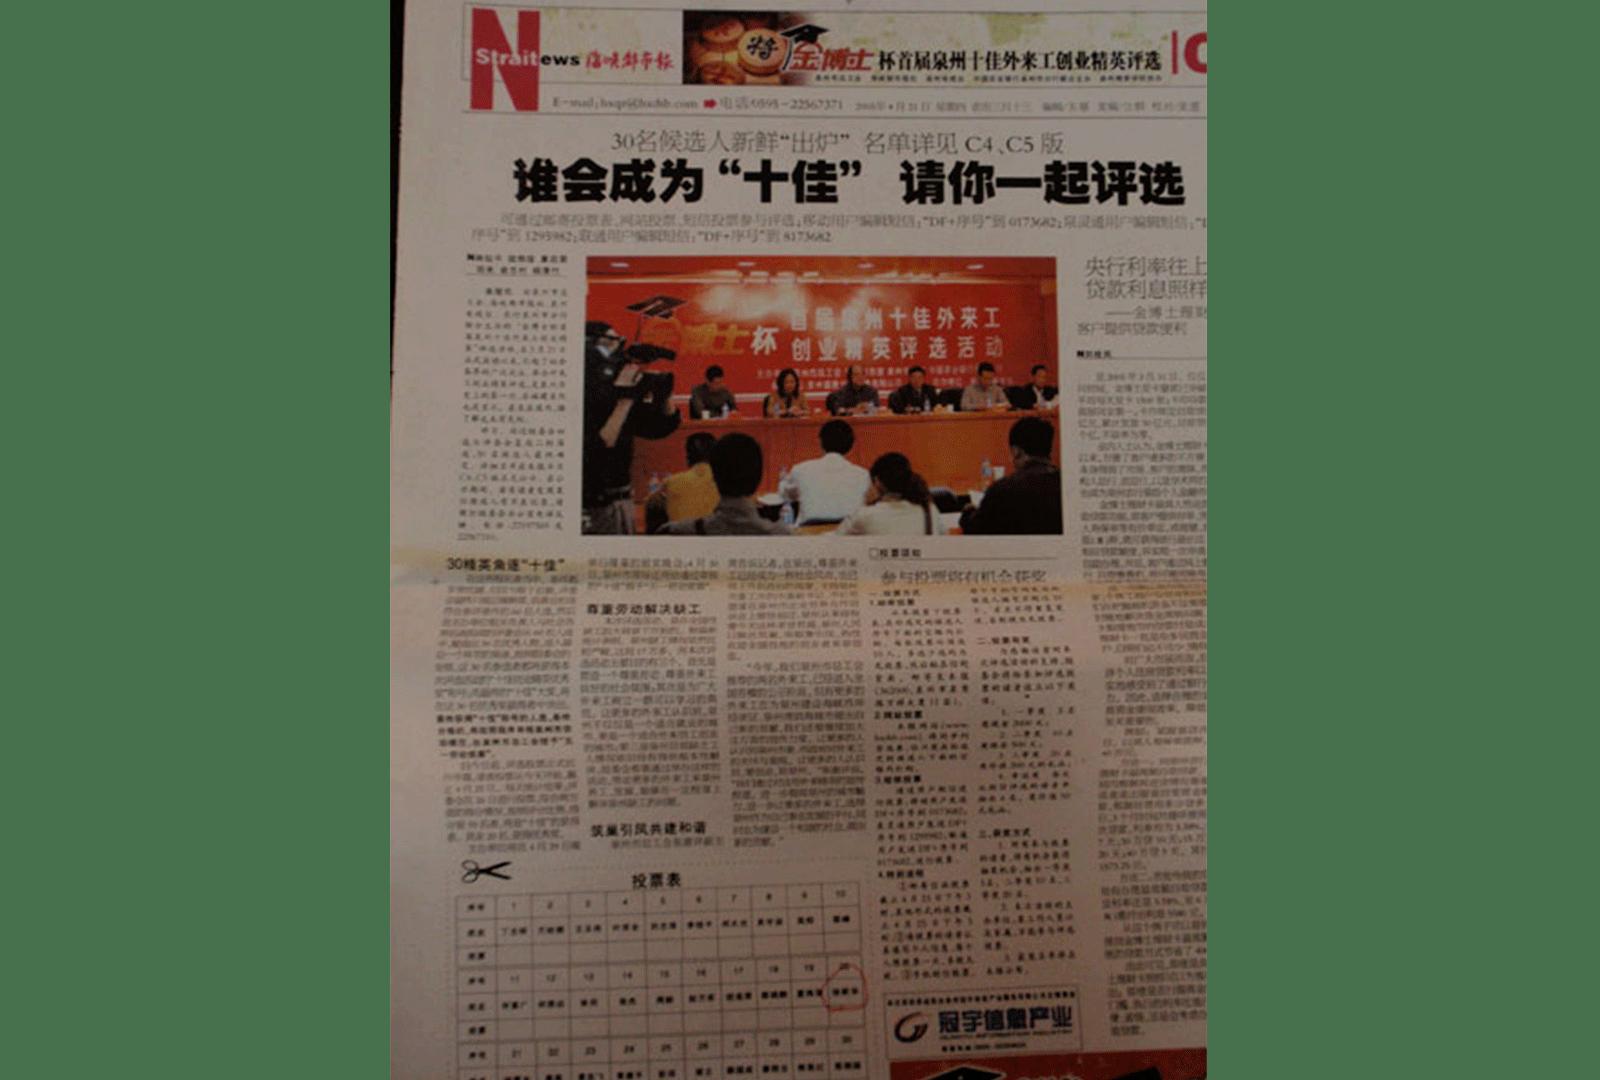 _0000s_0047_2005-4-21-海峡都市报